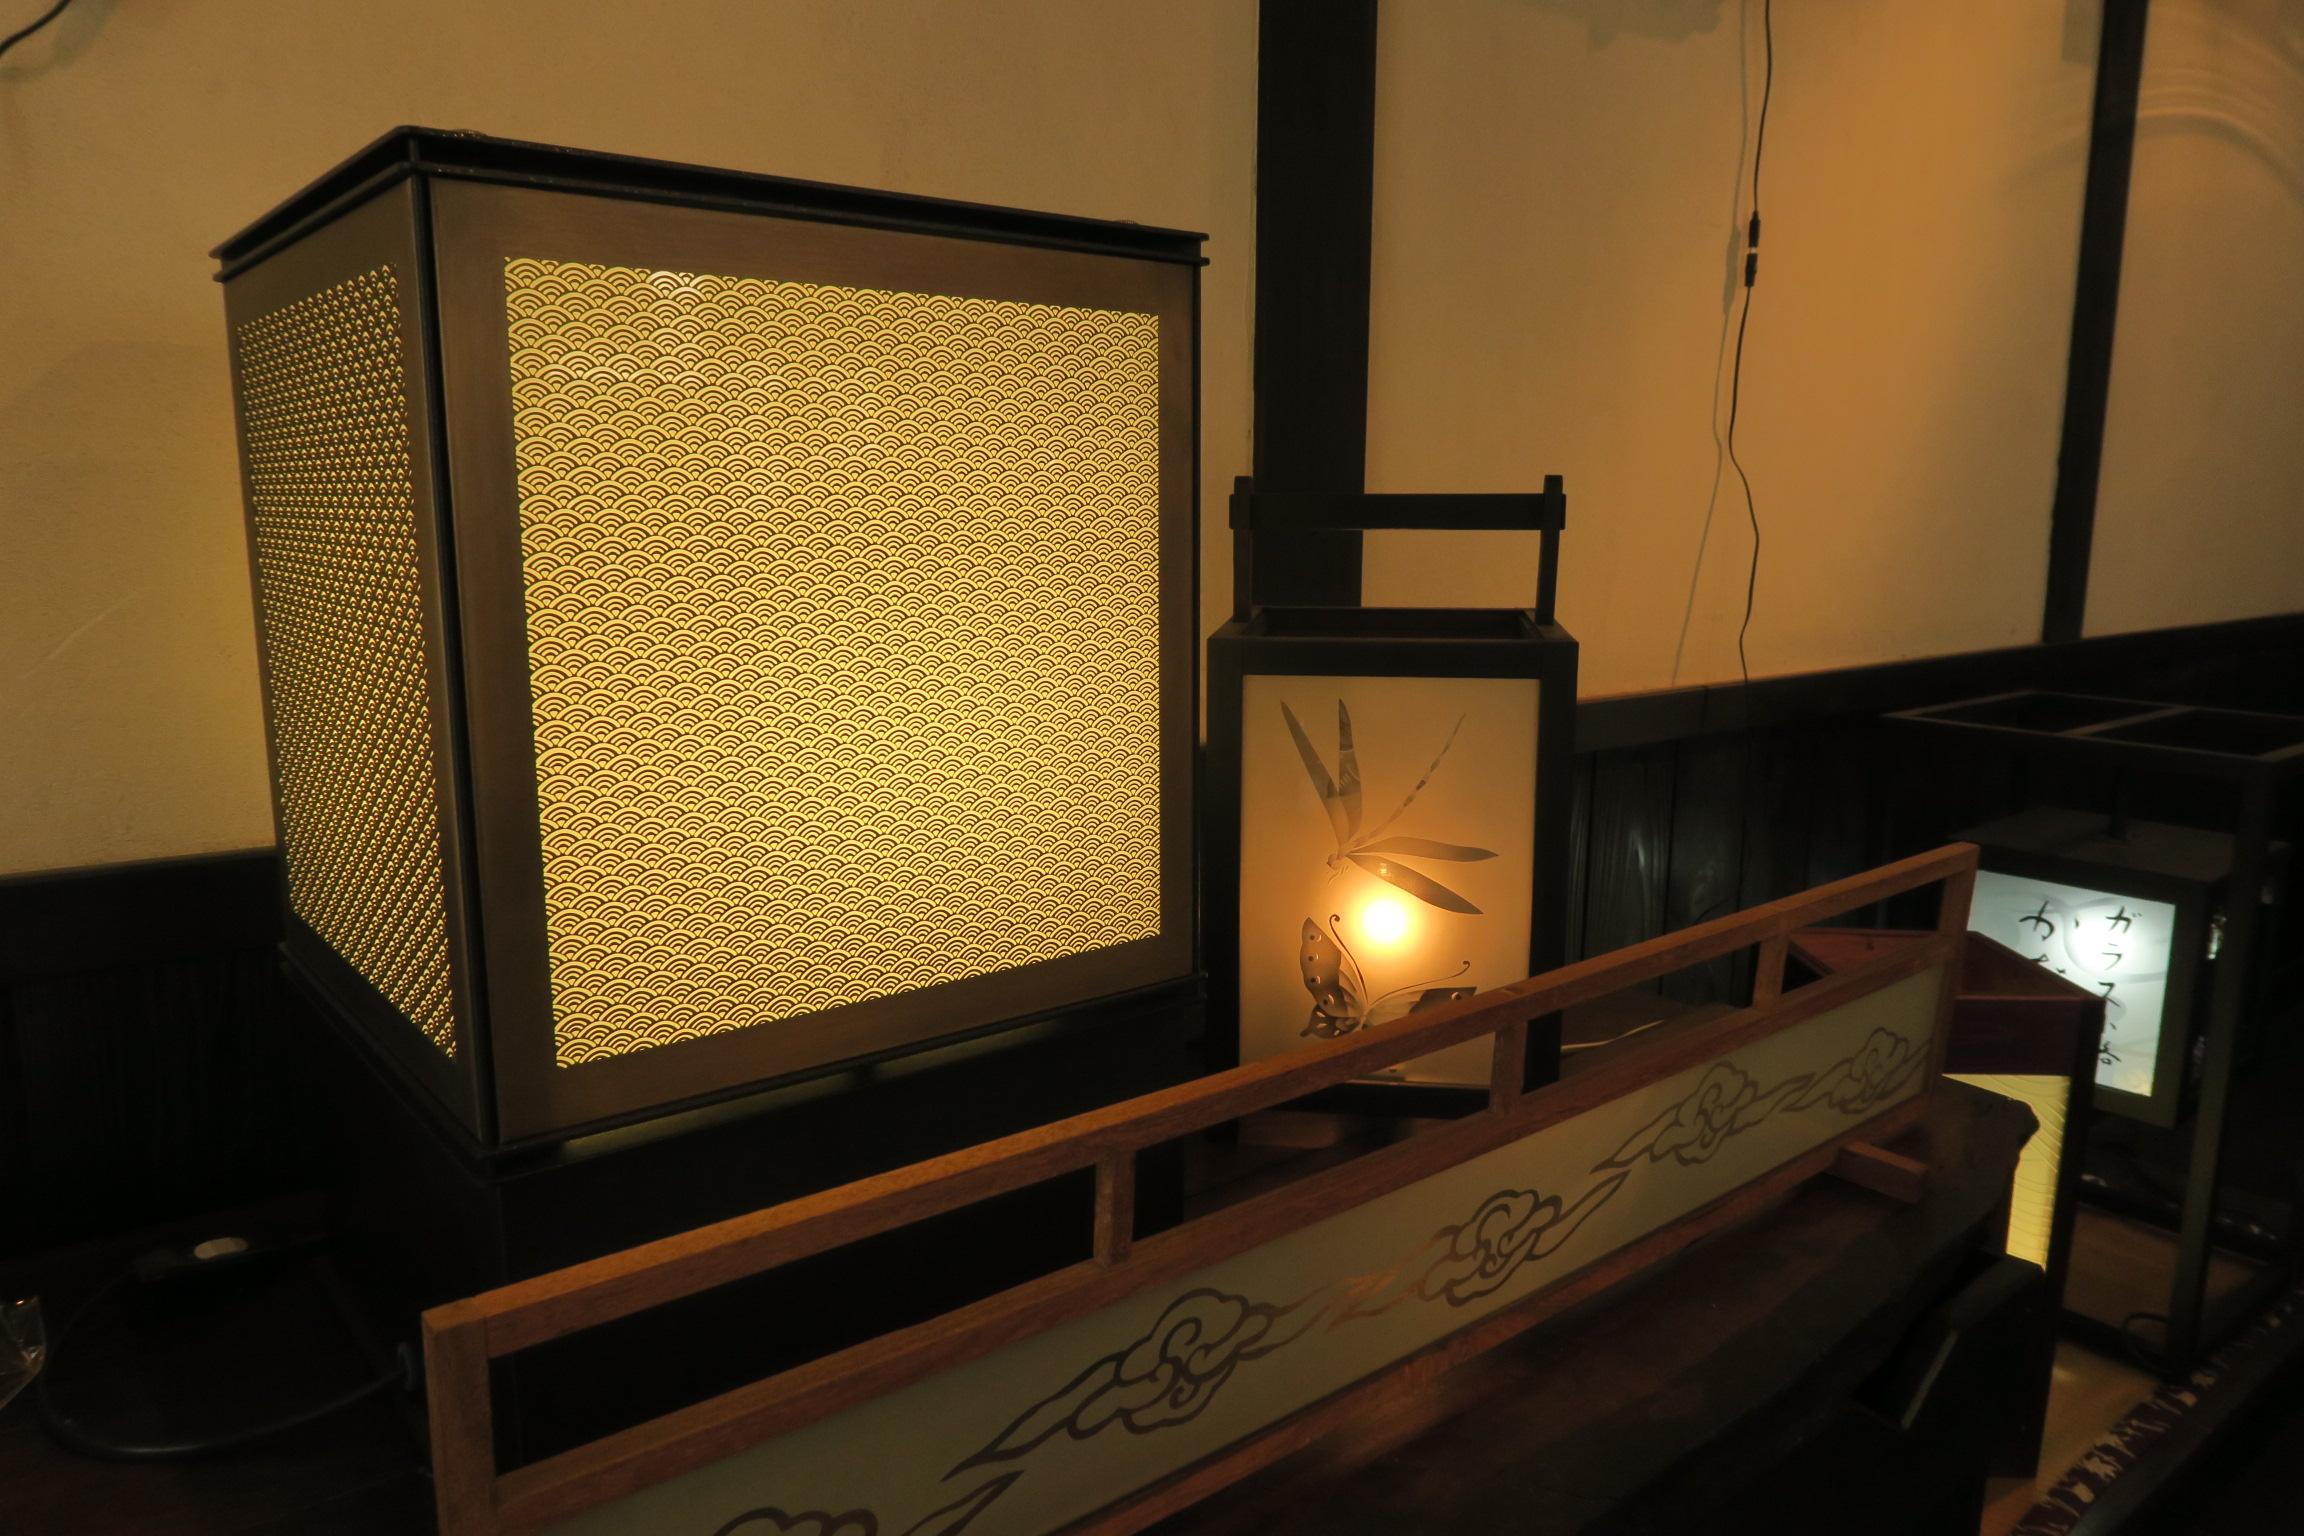 梶村工芸の店内。ガラスに彫られた美しい模様が温かい光に照らされていました。※撮影許可を取りました。